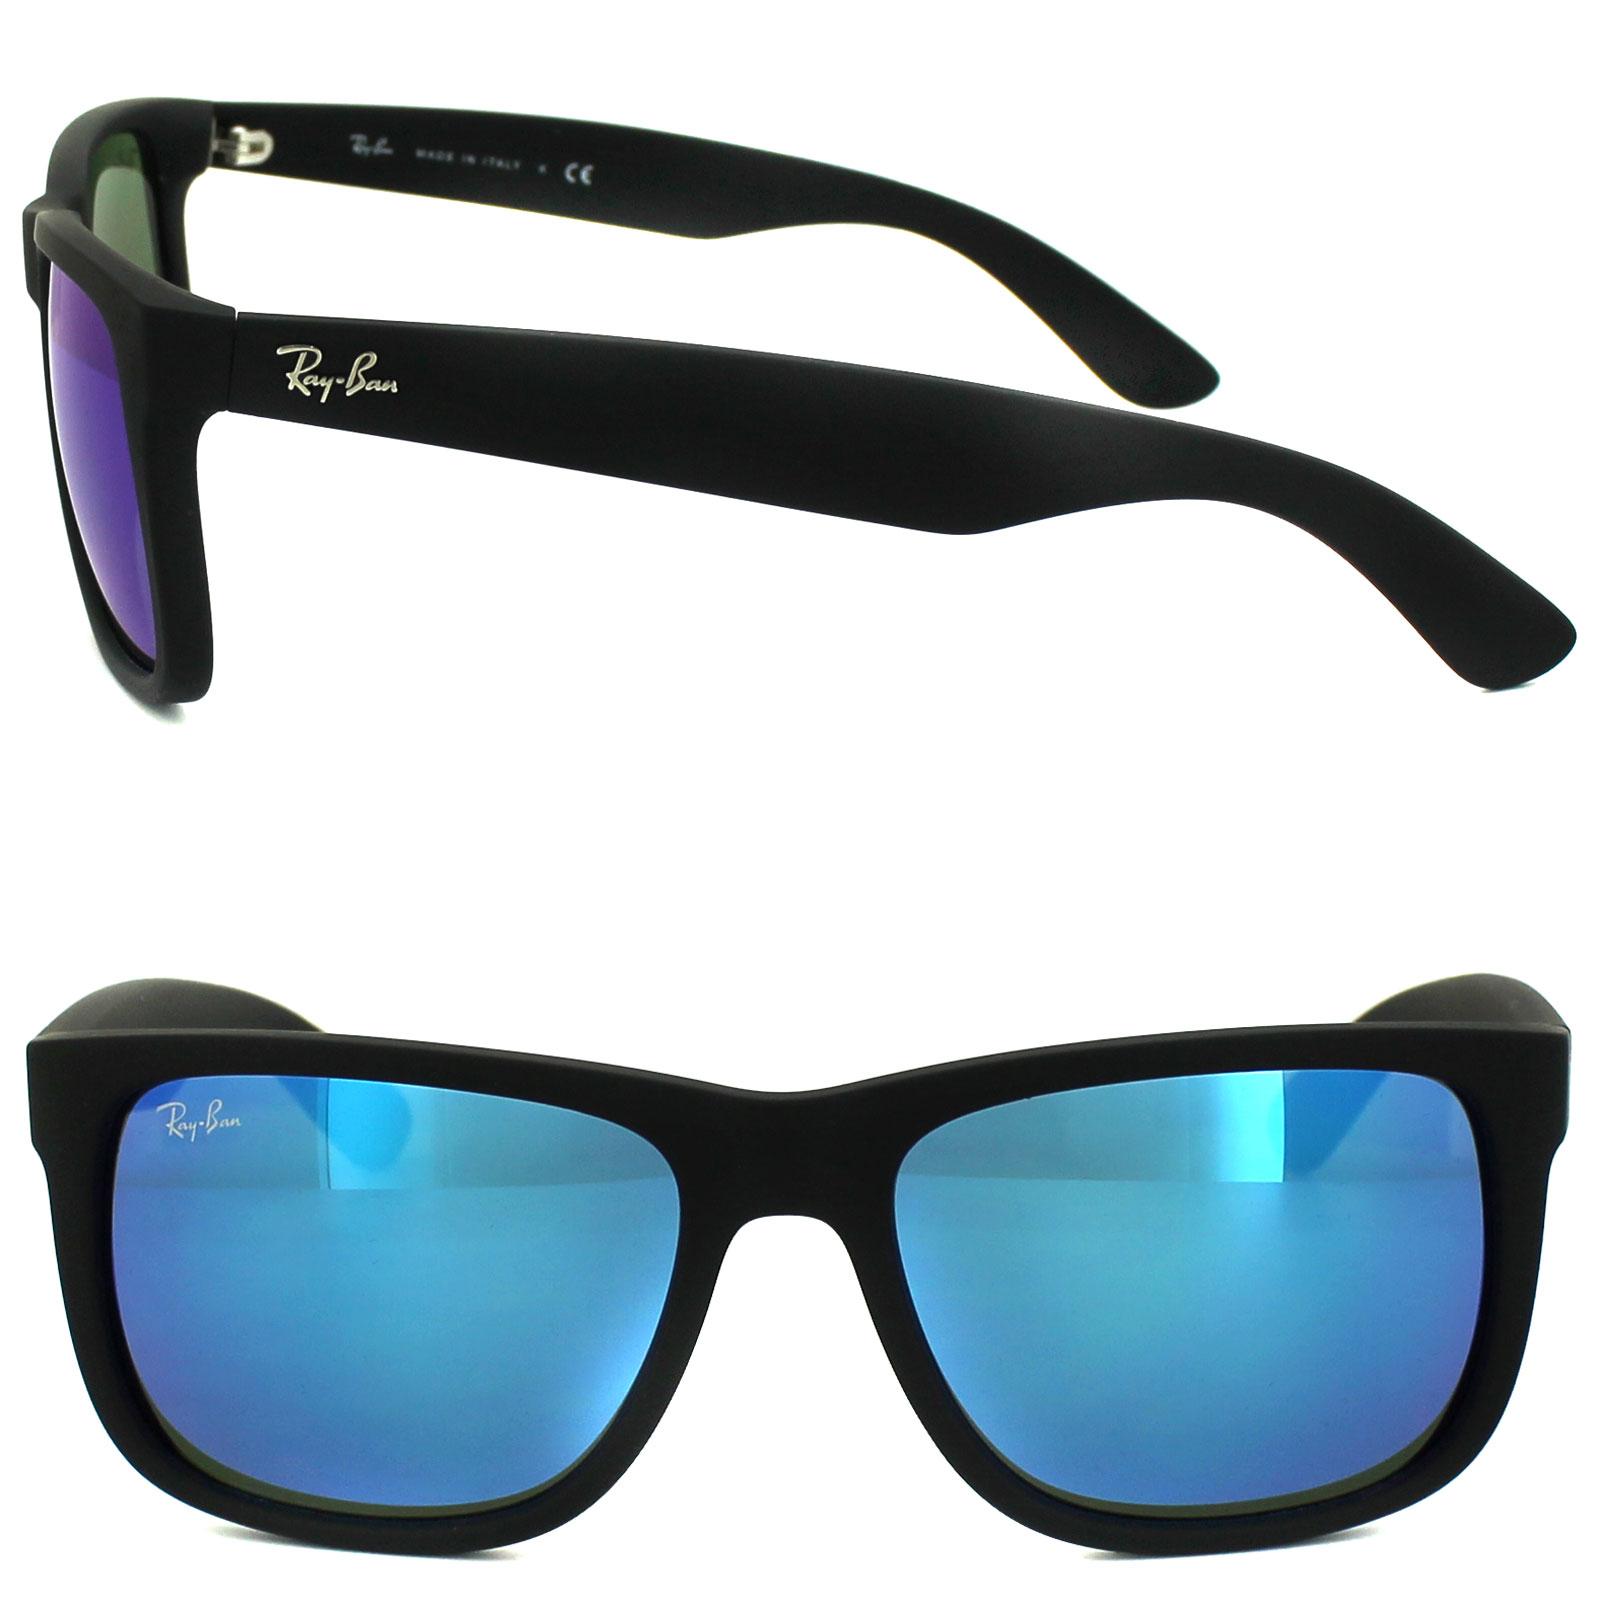 3cb5ebc3e Sentinel Ray-Ban Sunglasses Justin 4165 622/55 Rubber Black Blue Mirror